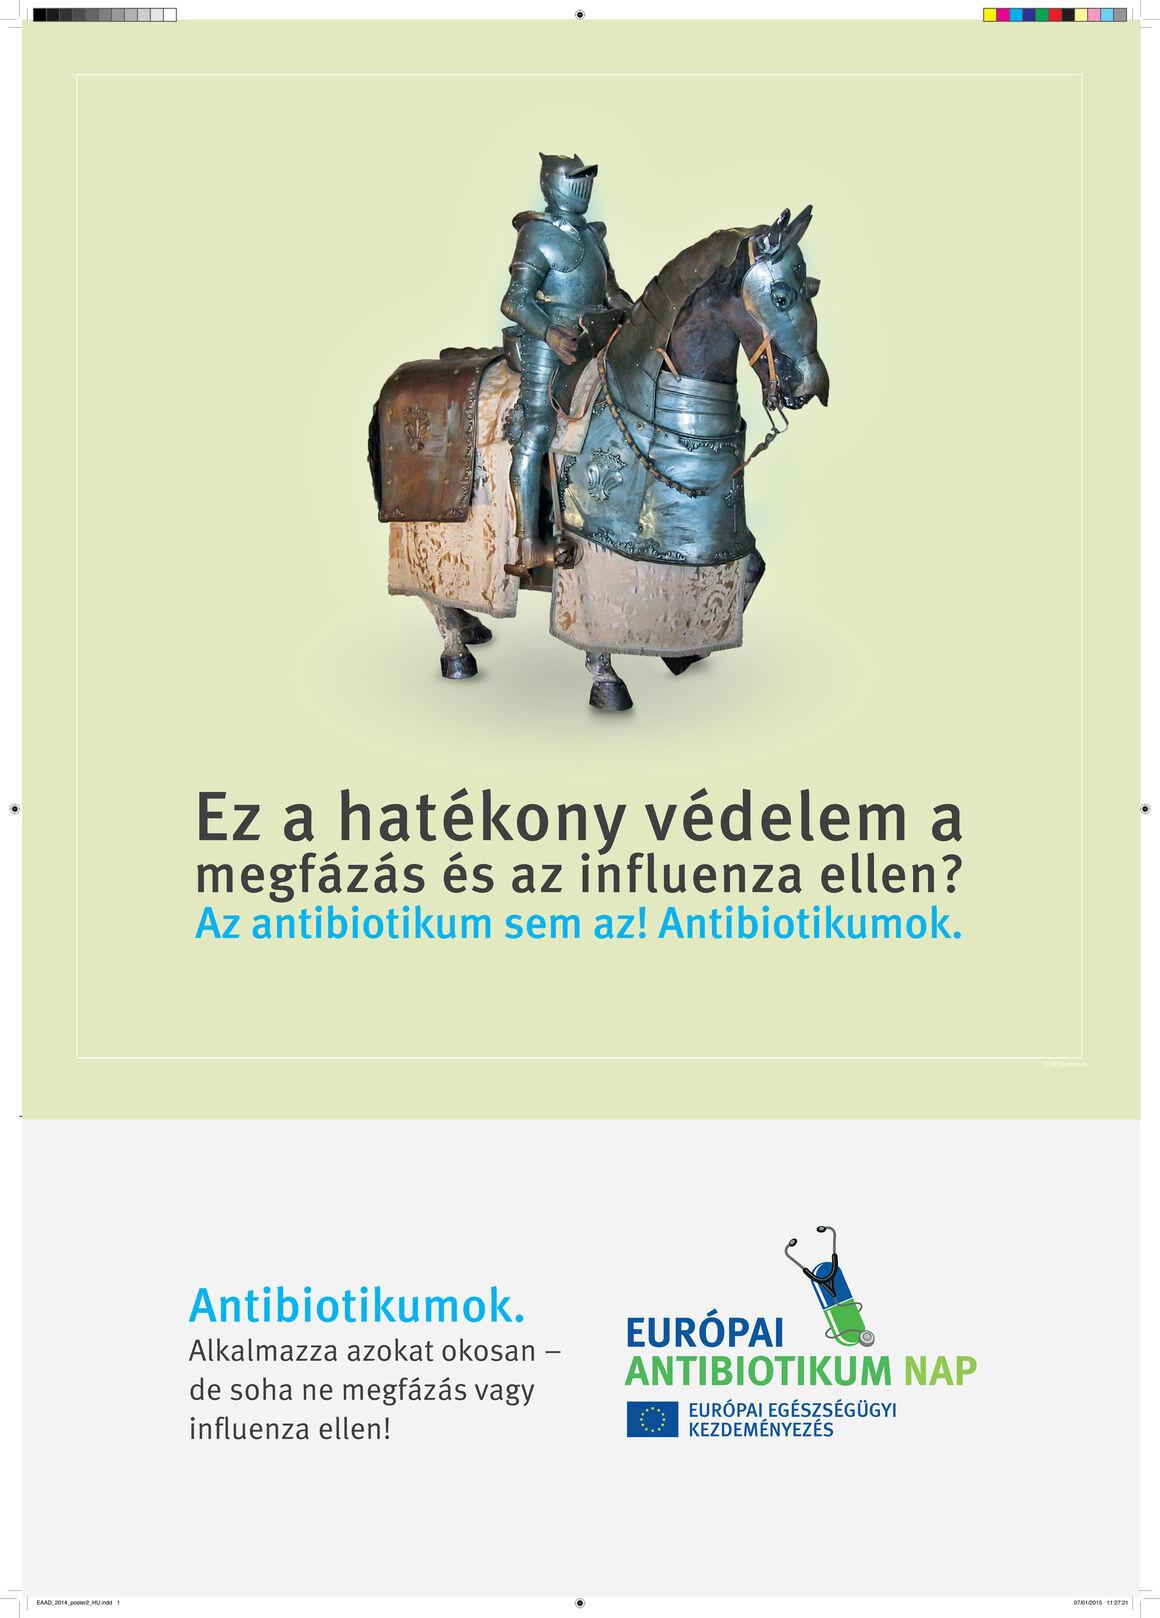 Plakátok: Ez a hatékony védelem a megfázás és az influenza ellen? Az antibiotikum sem az! Antibiotikumok.